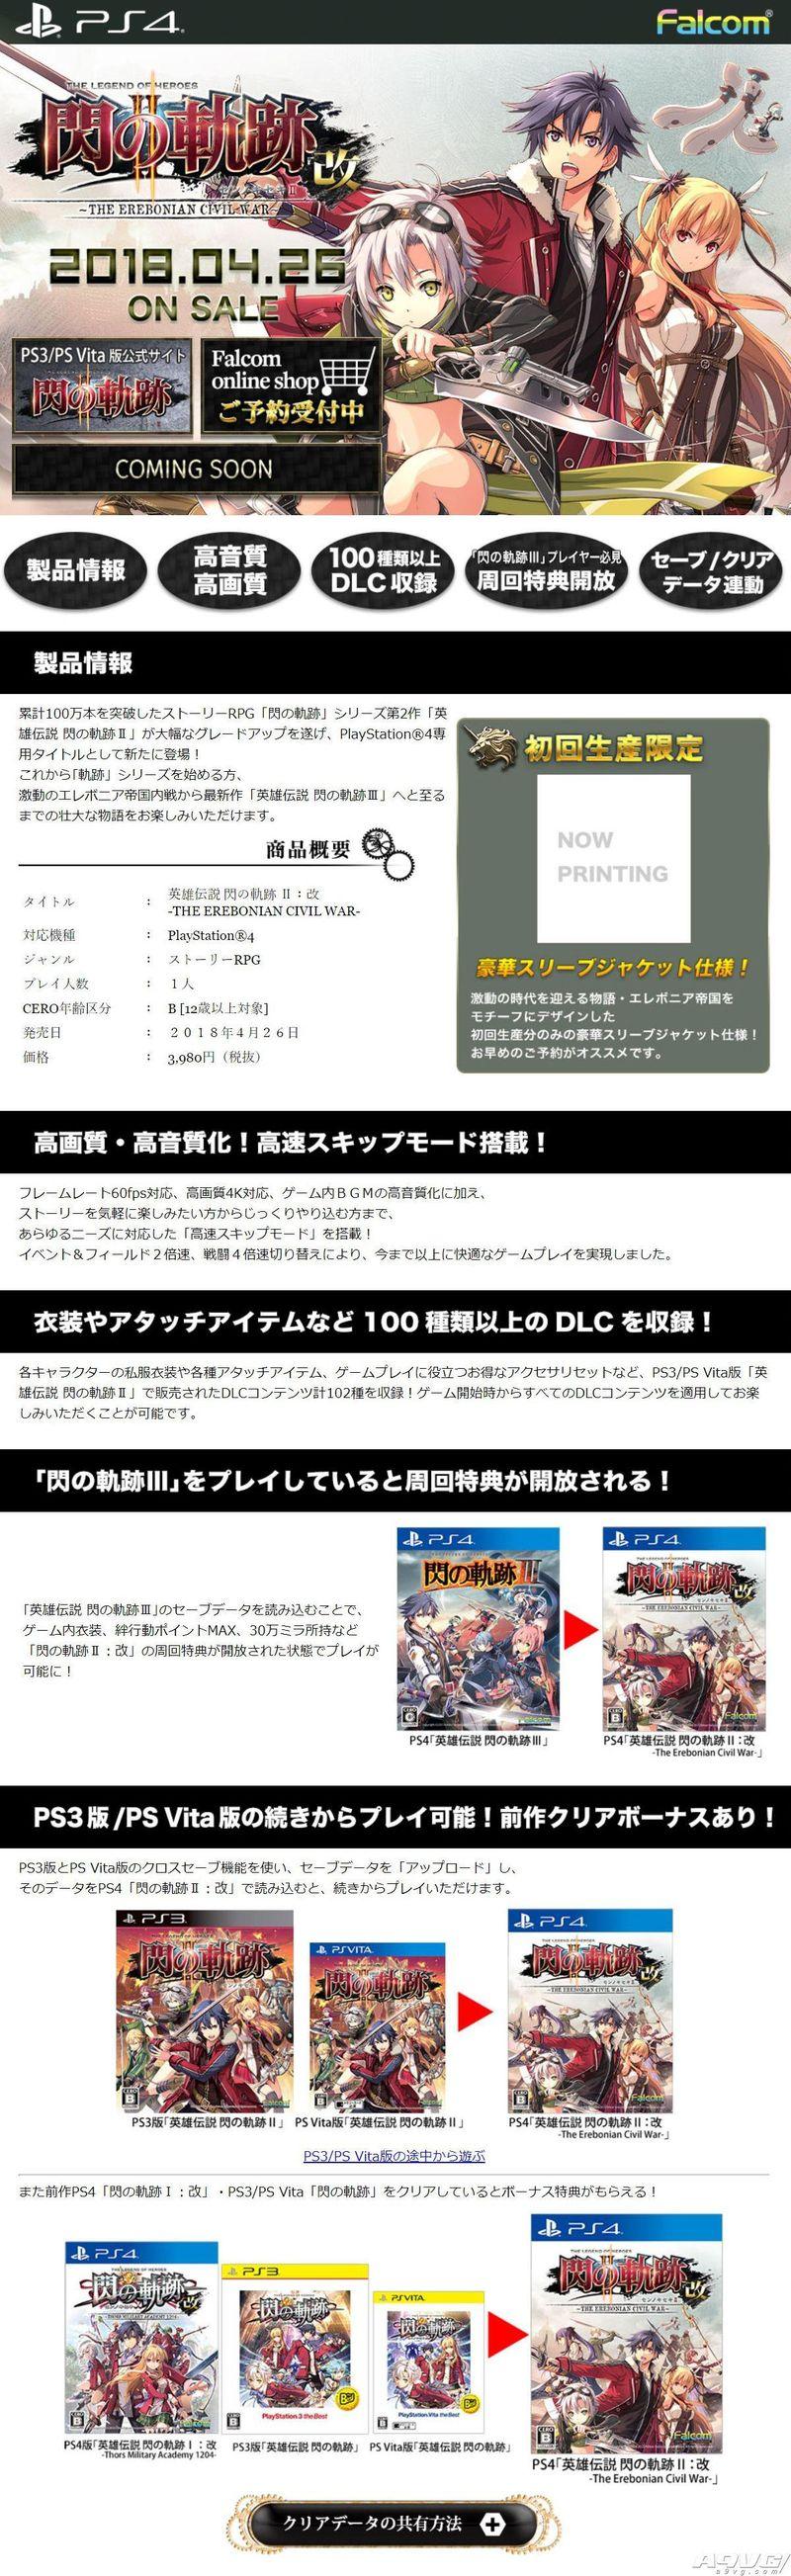 PS4《英雄传说闪之轨迹2改》详细情报 收录102种DLC